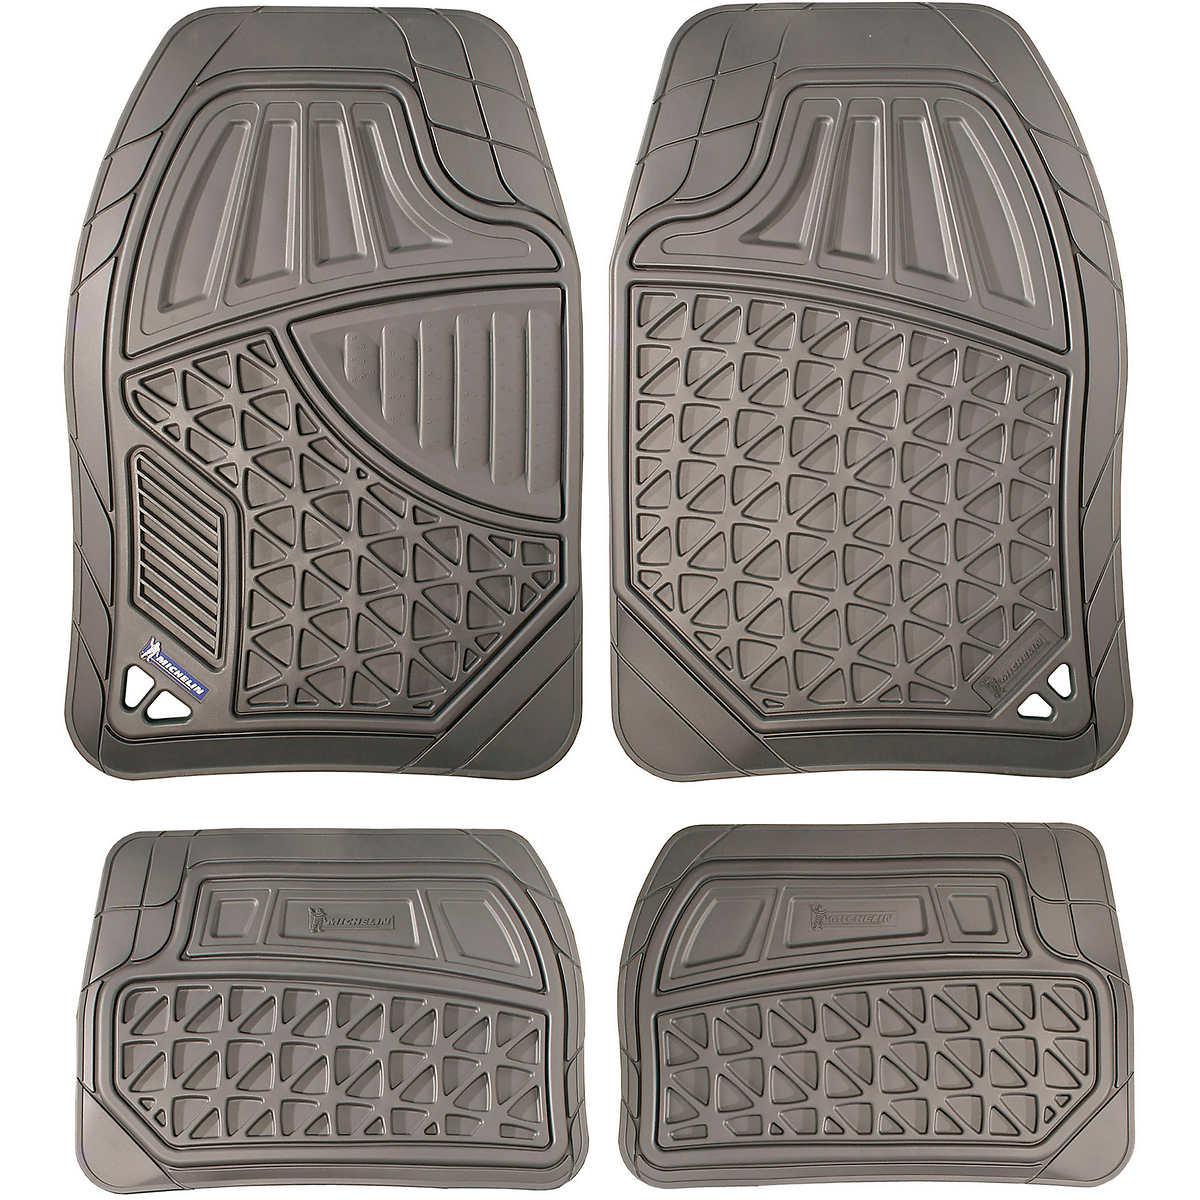 Michelin heavy duty 4 piece floor mat set